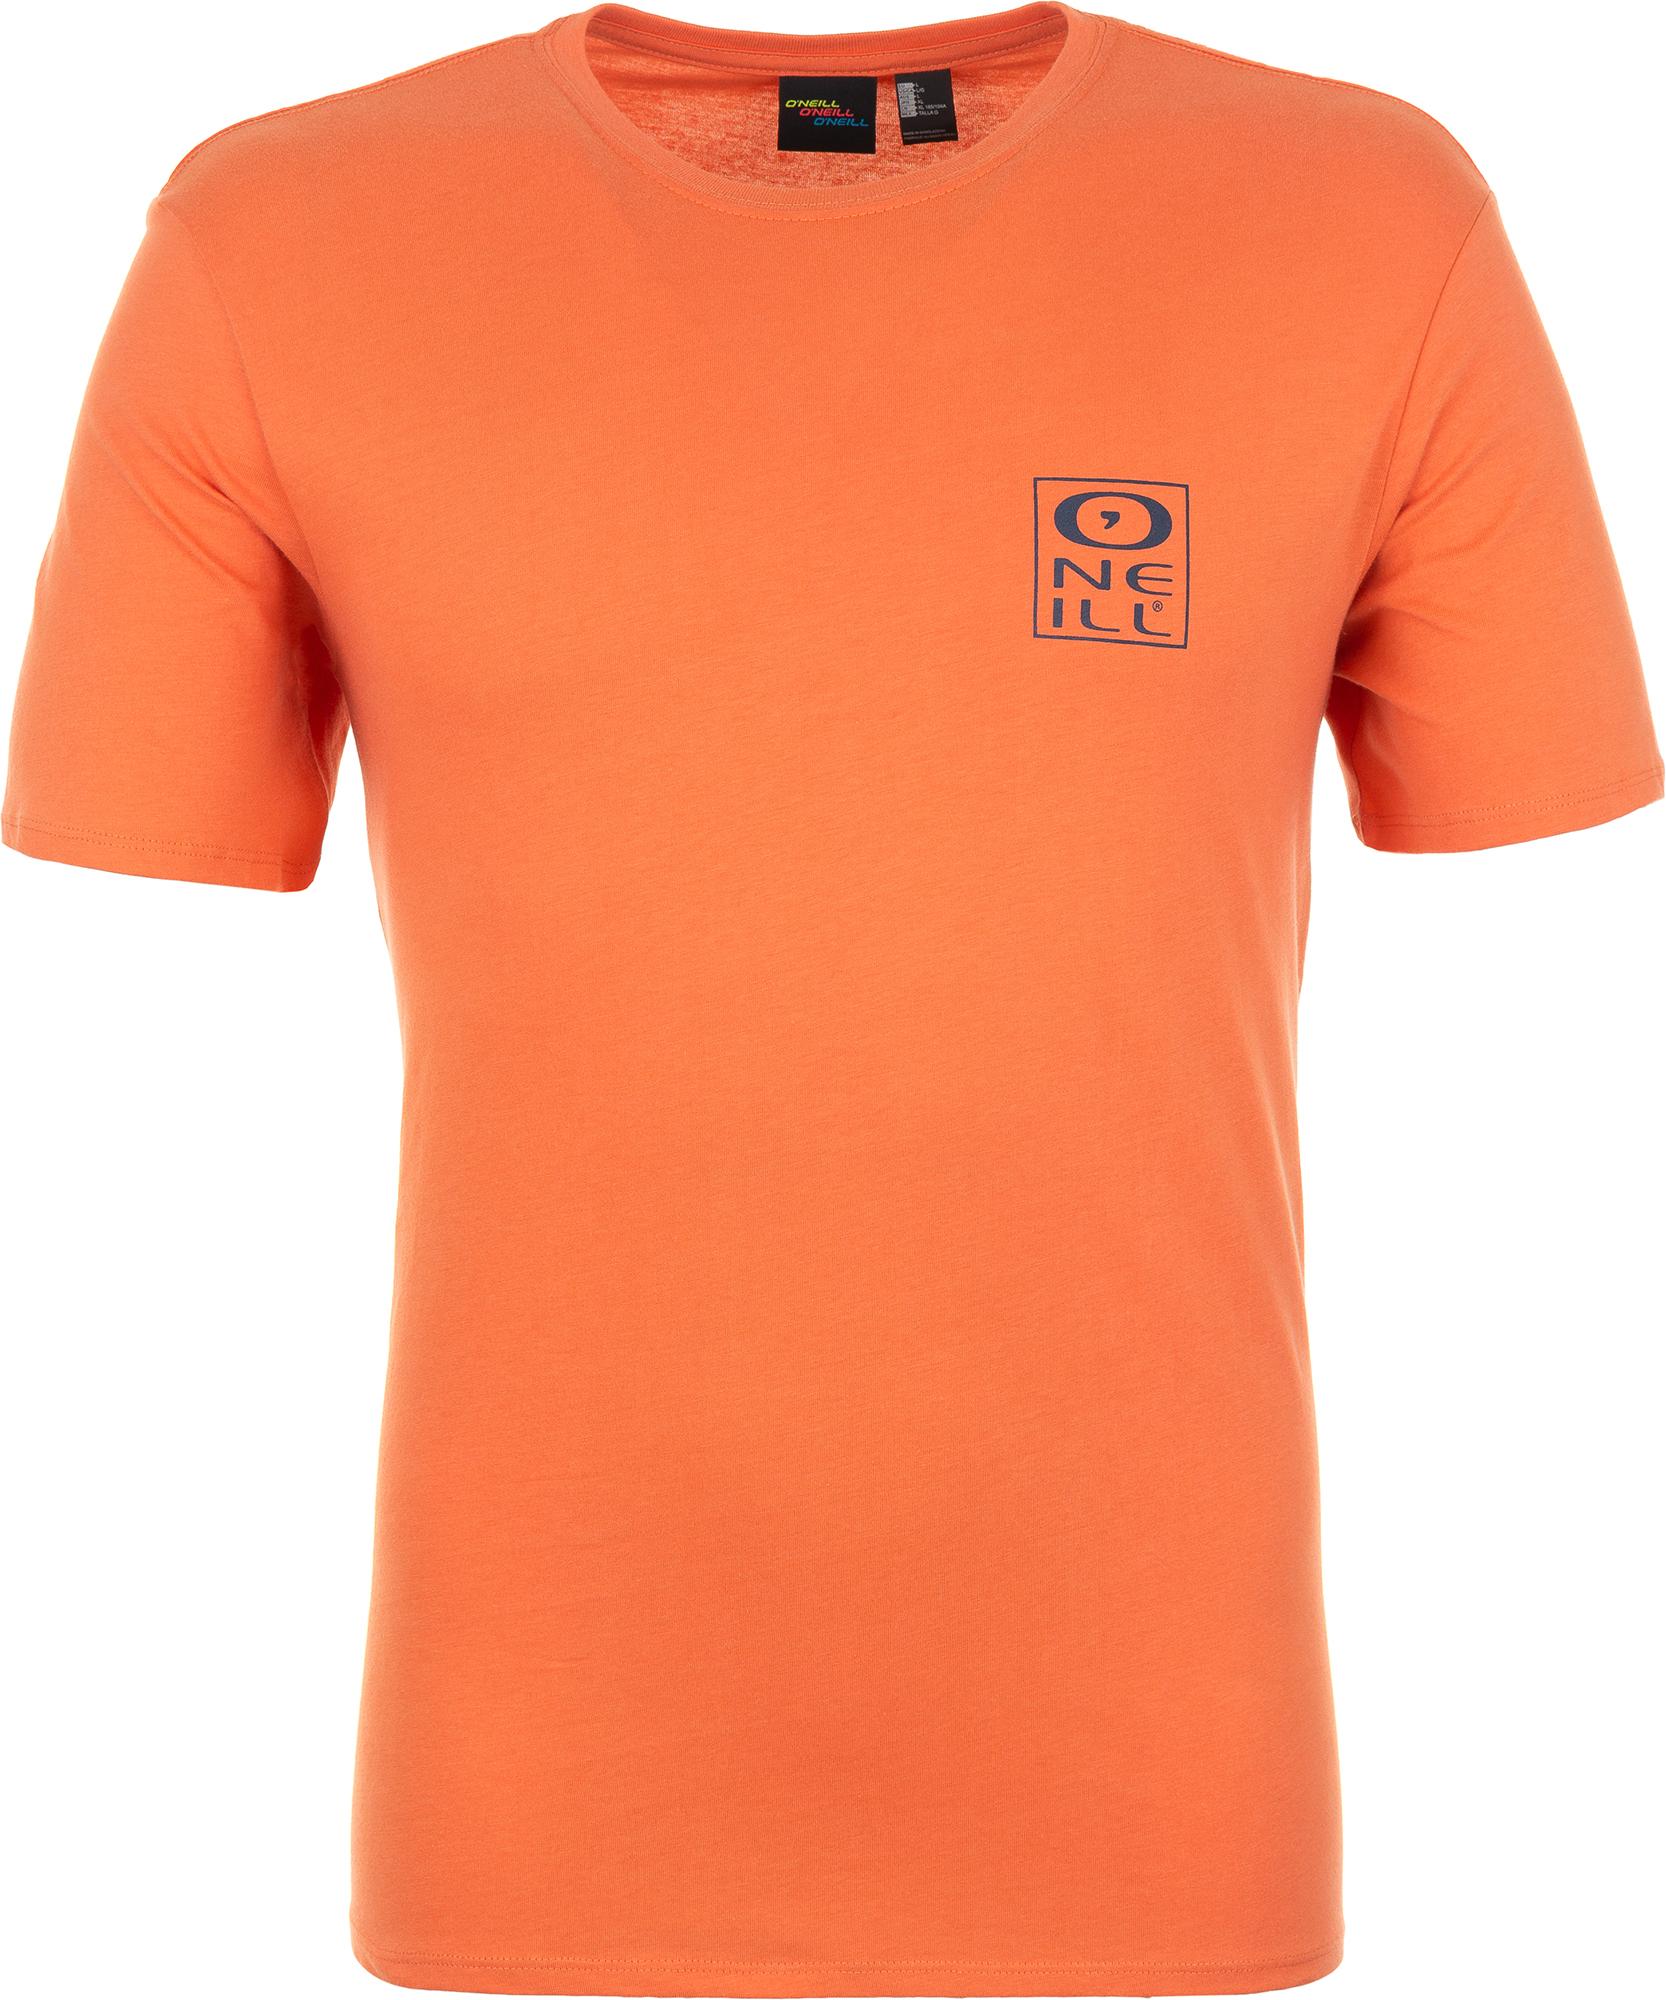 O'Neill Футболка мужская O'Neill Lm Tonal, размер 54-56